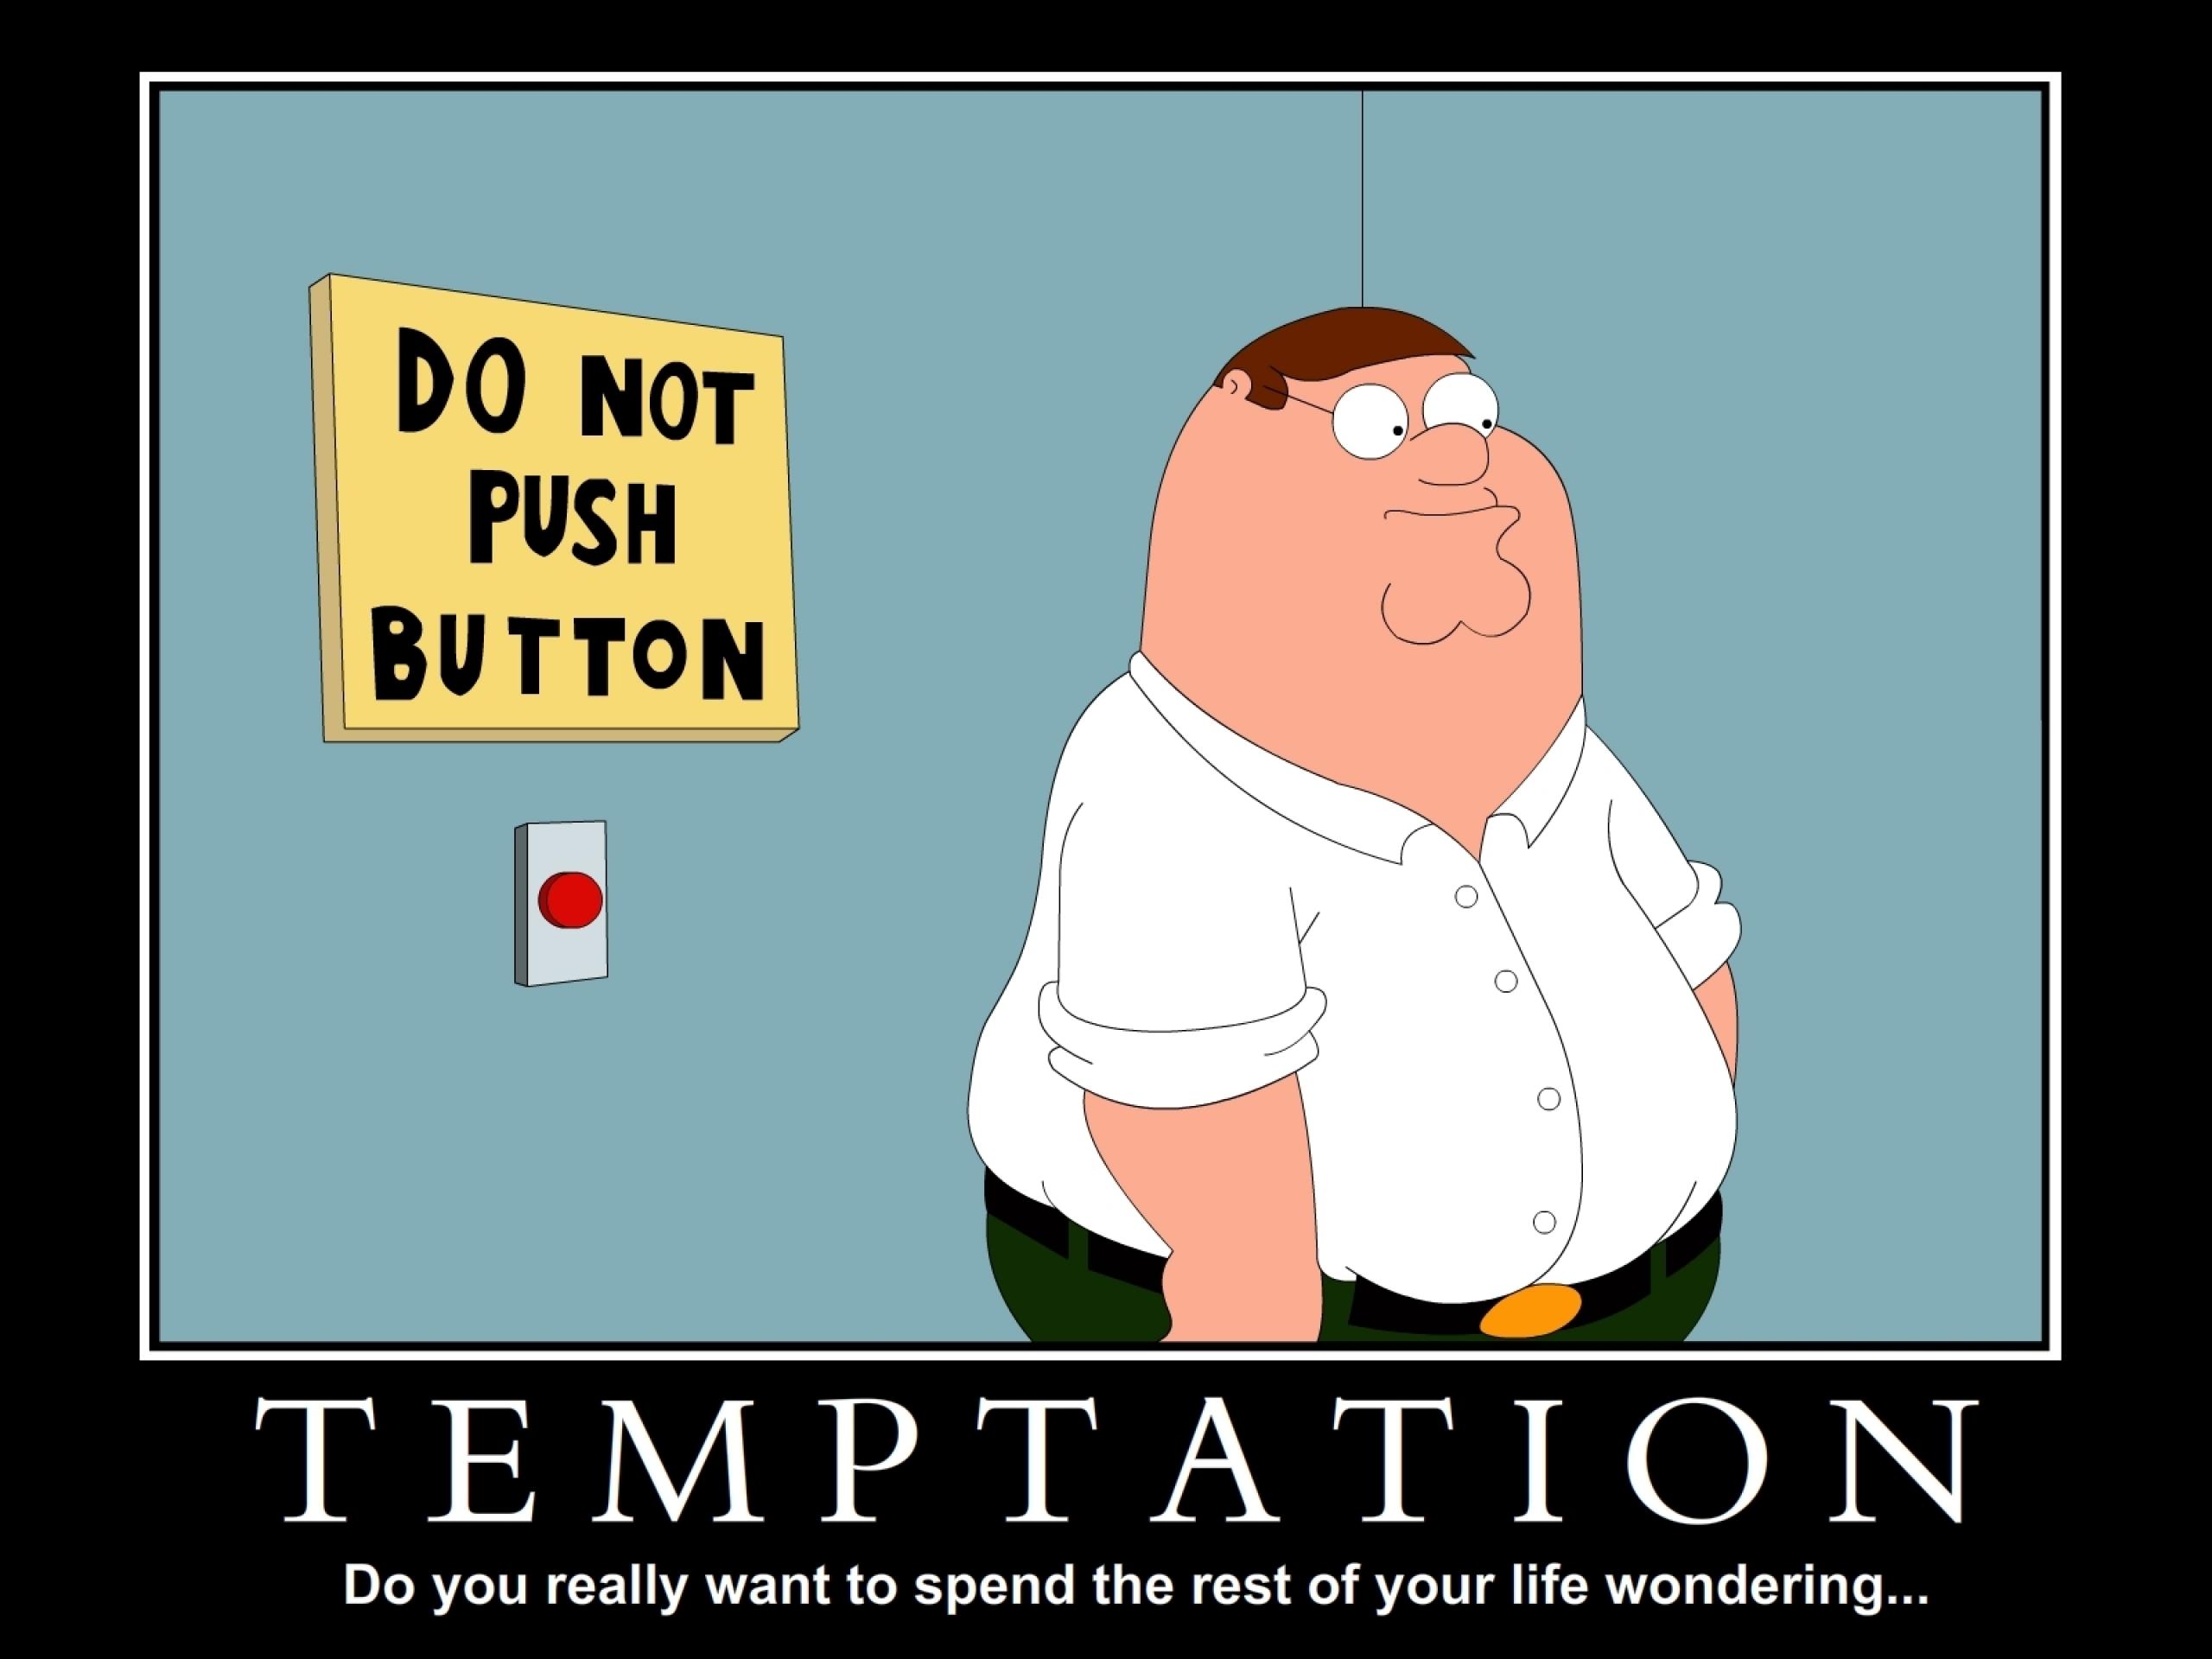 Peter S Temptation Wallpaper Family Guy Faxo